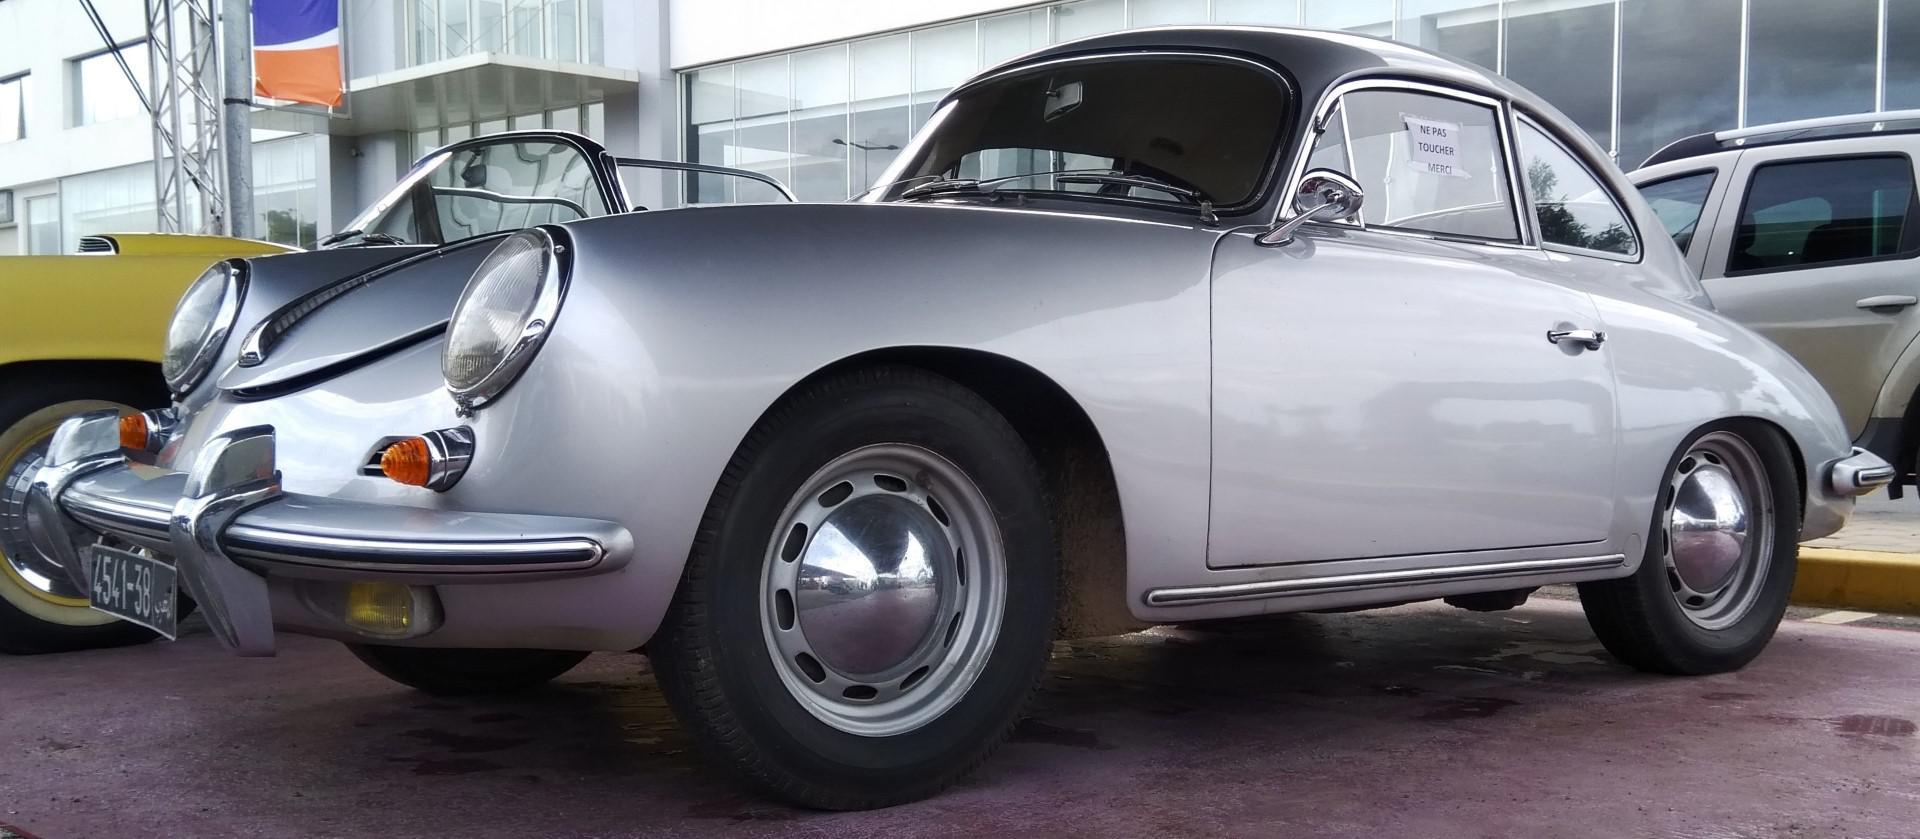 les-voitures-de-sports-du-classic-cars-expo-2019-1137-11.jpg